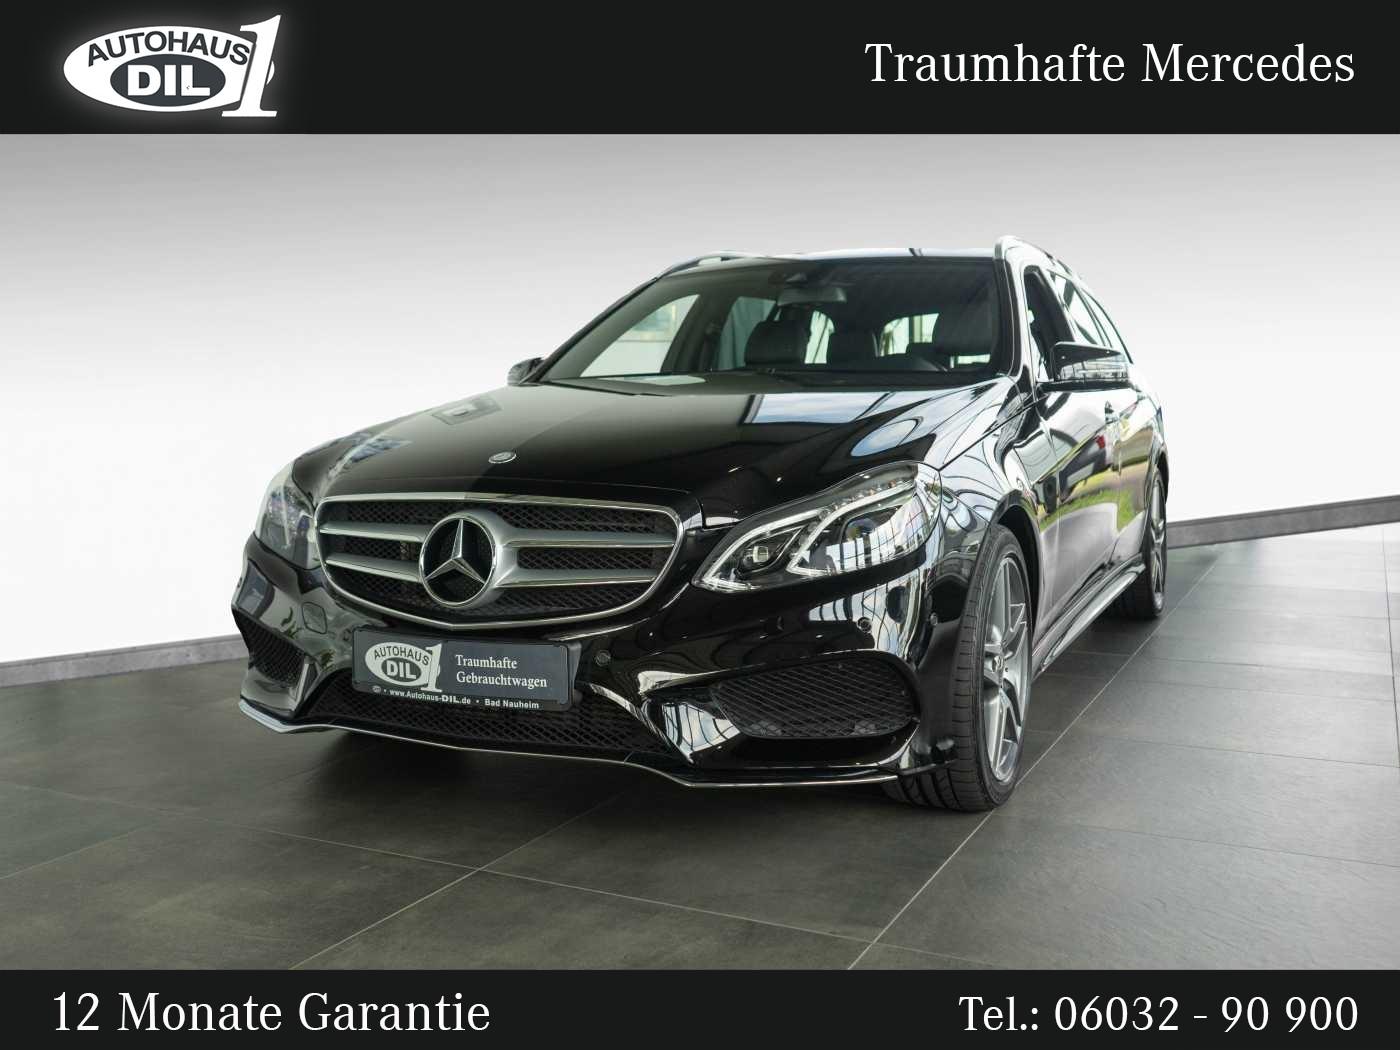 Mercedes-Benz E 200 T CDI 7G-TRONIC *SHZ*Sport-Paket AMG*, Jahr 2013, Diesel